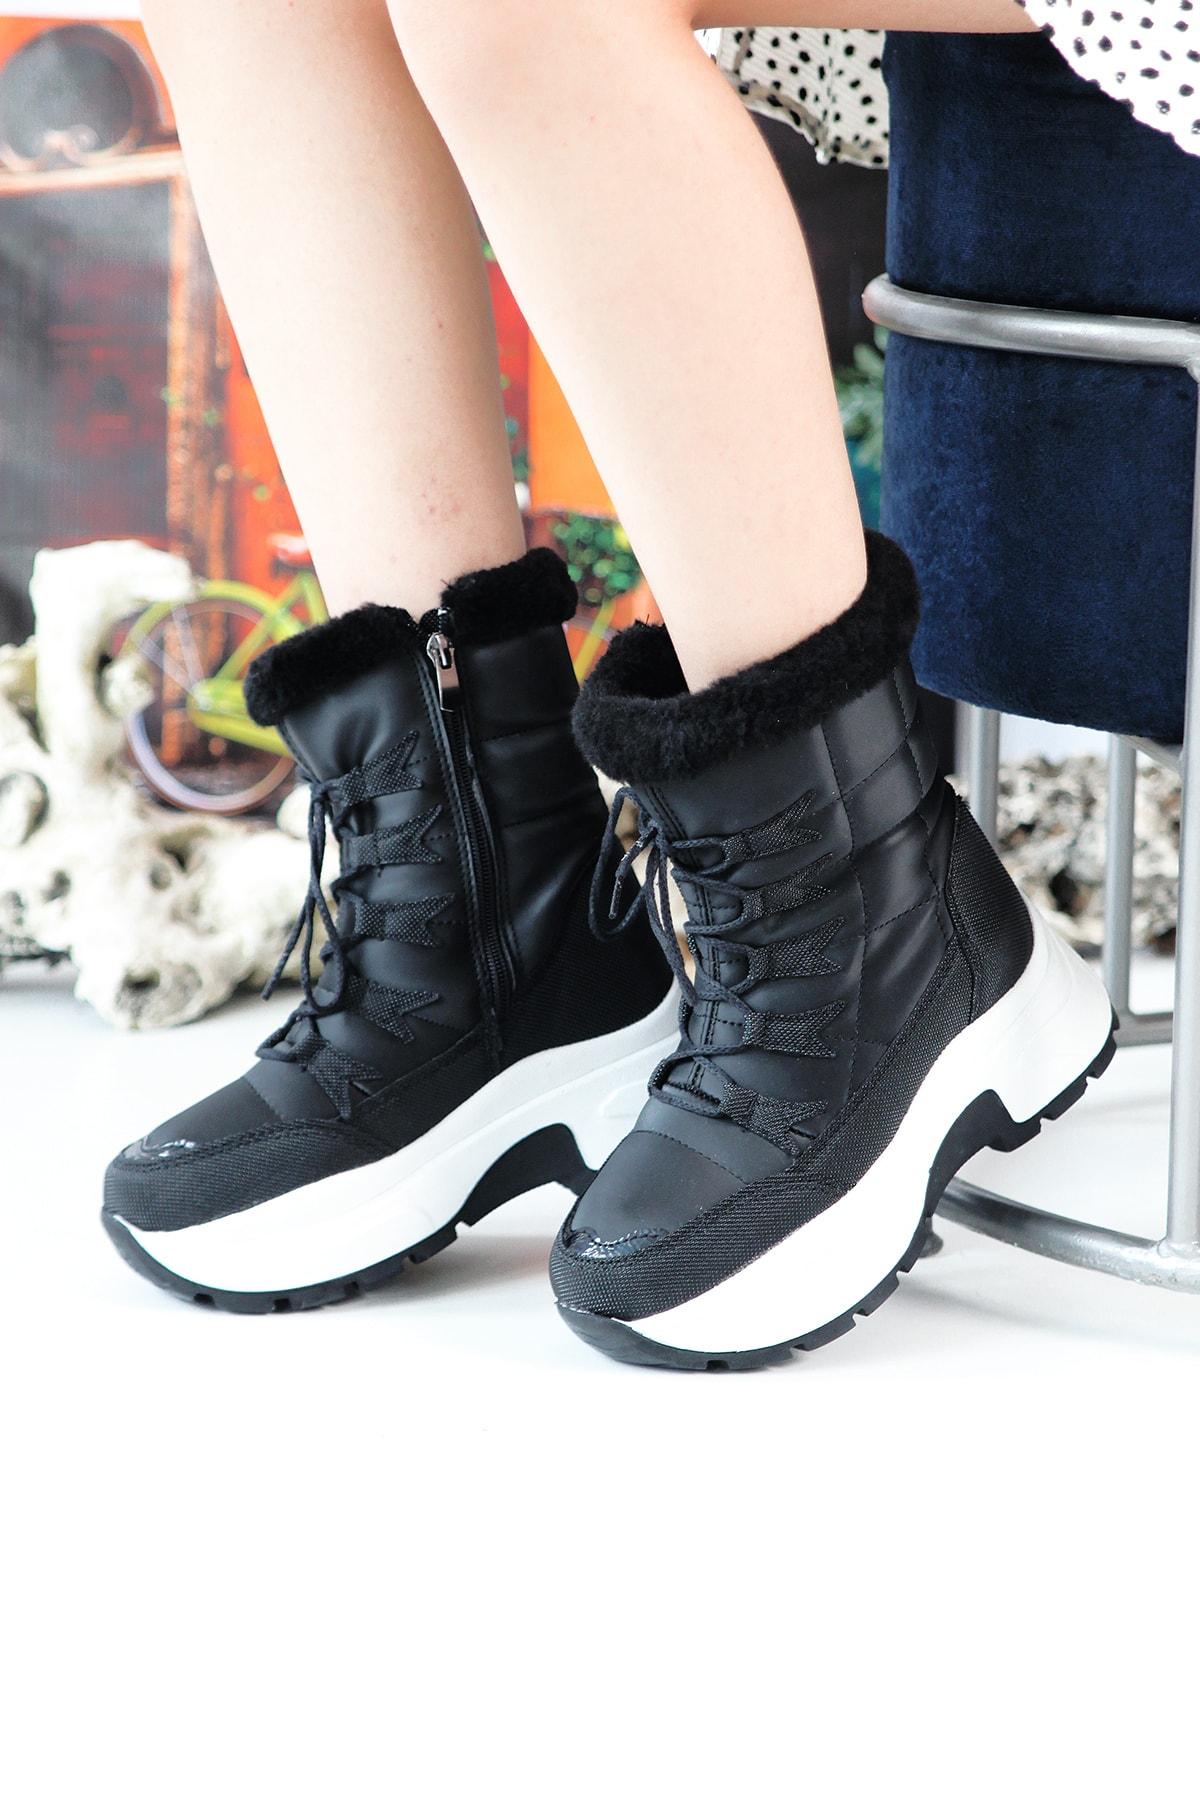 Twingo 7455 Kürklü Kadın Bot Ayakkabı 1